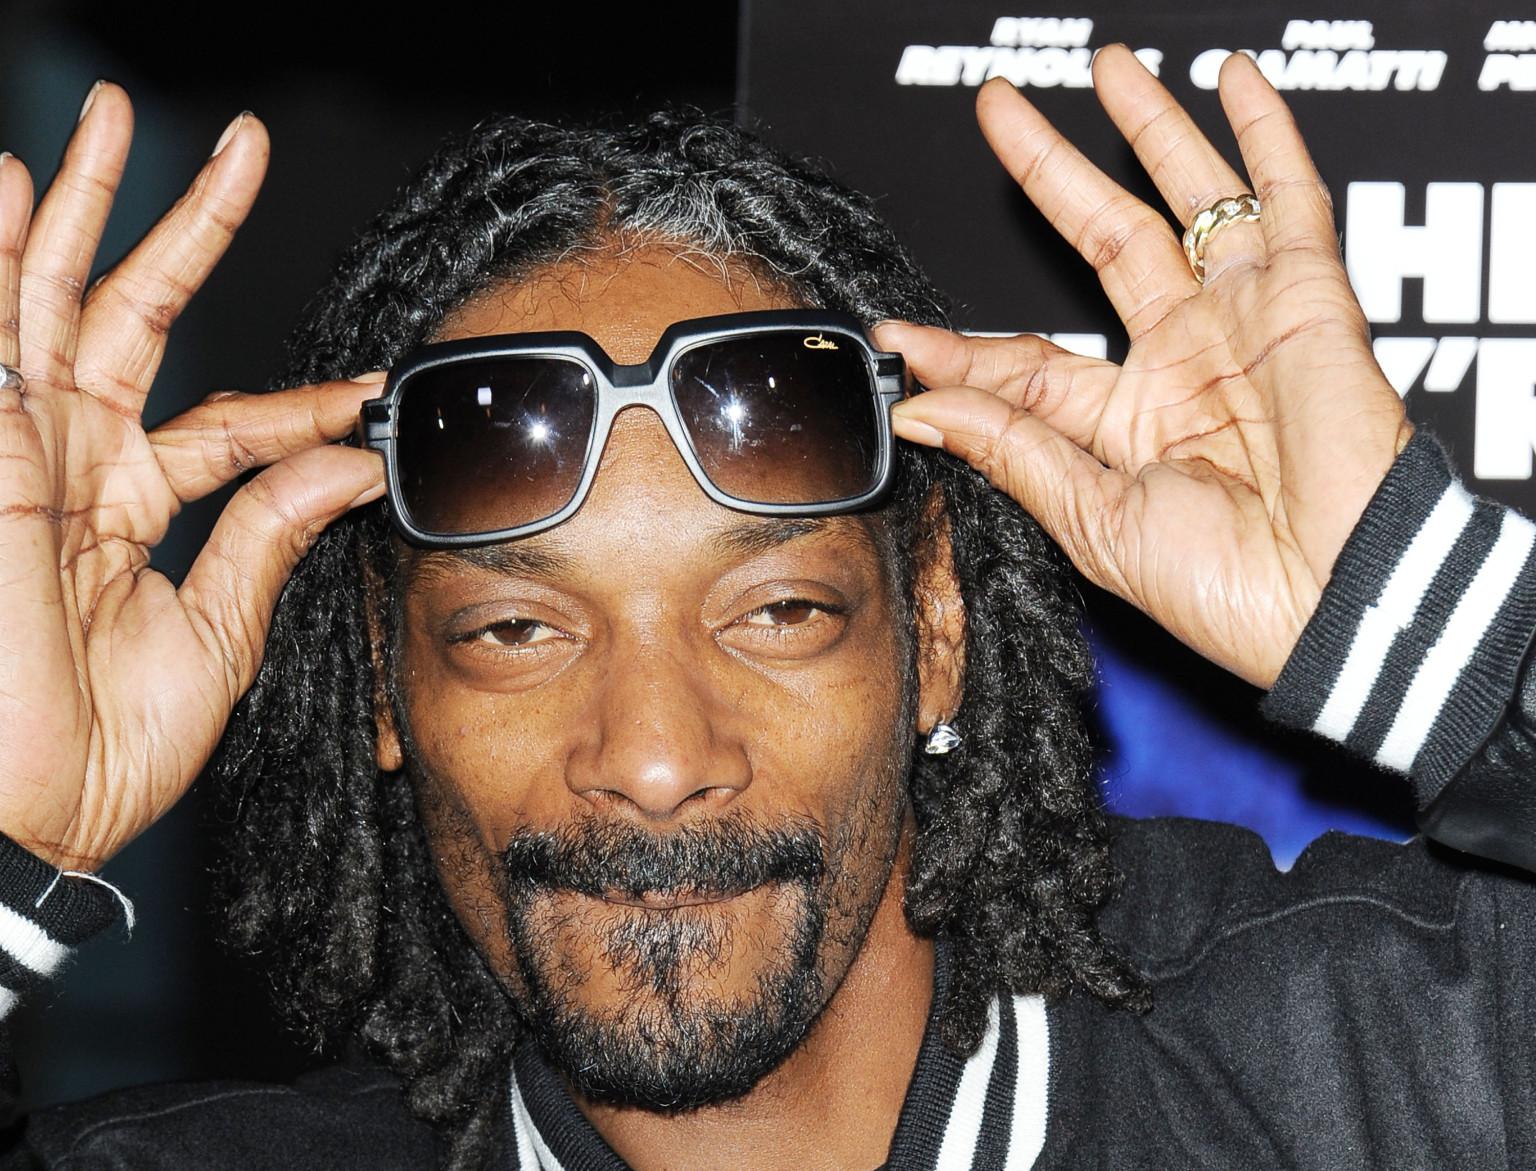 Así reaccionó Snoop Dogg cuando supo que la marihuana se había legalizado en California